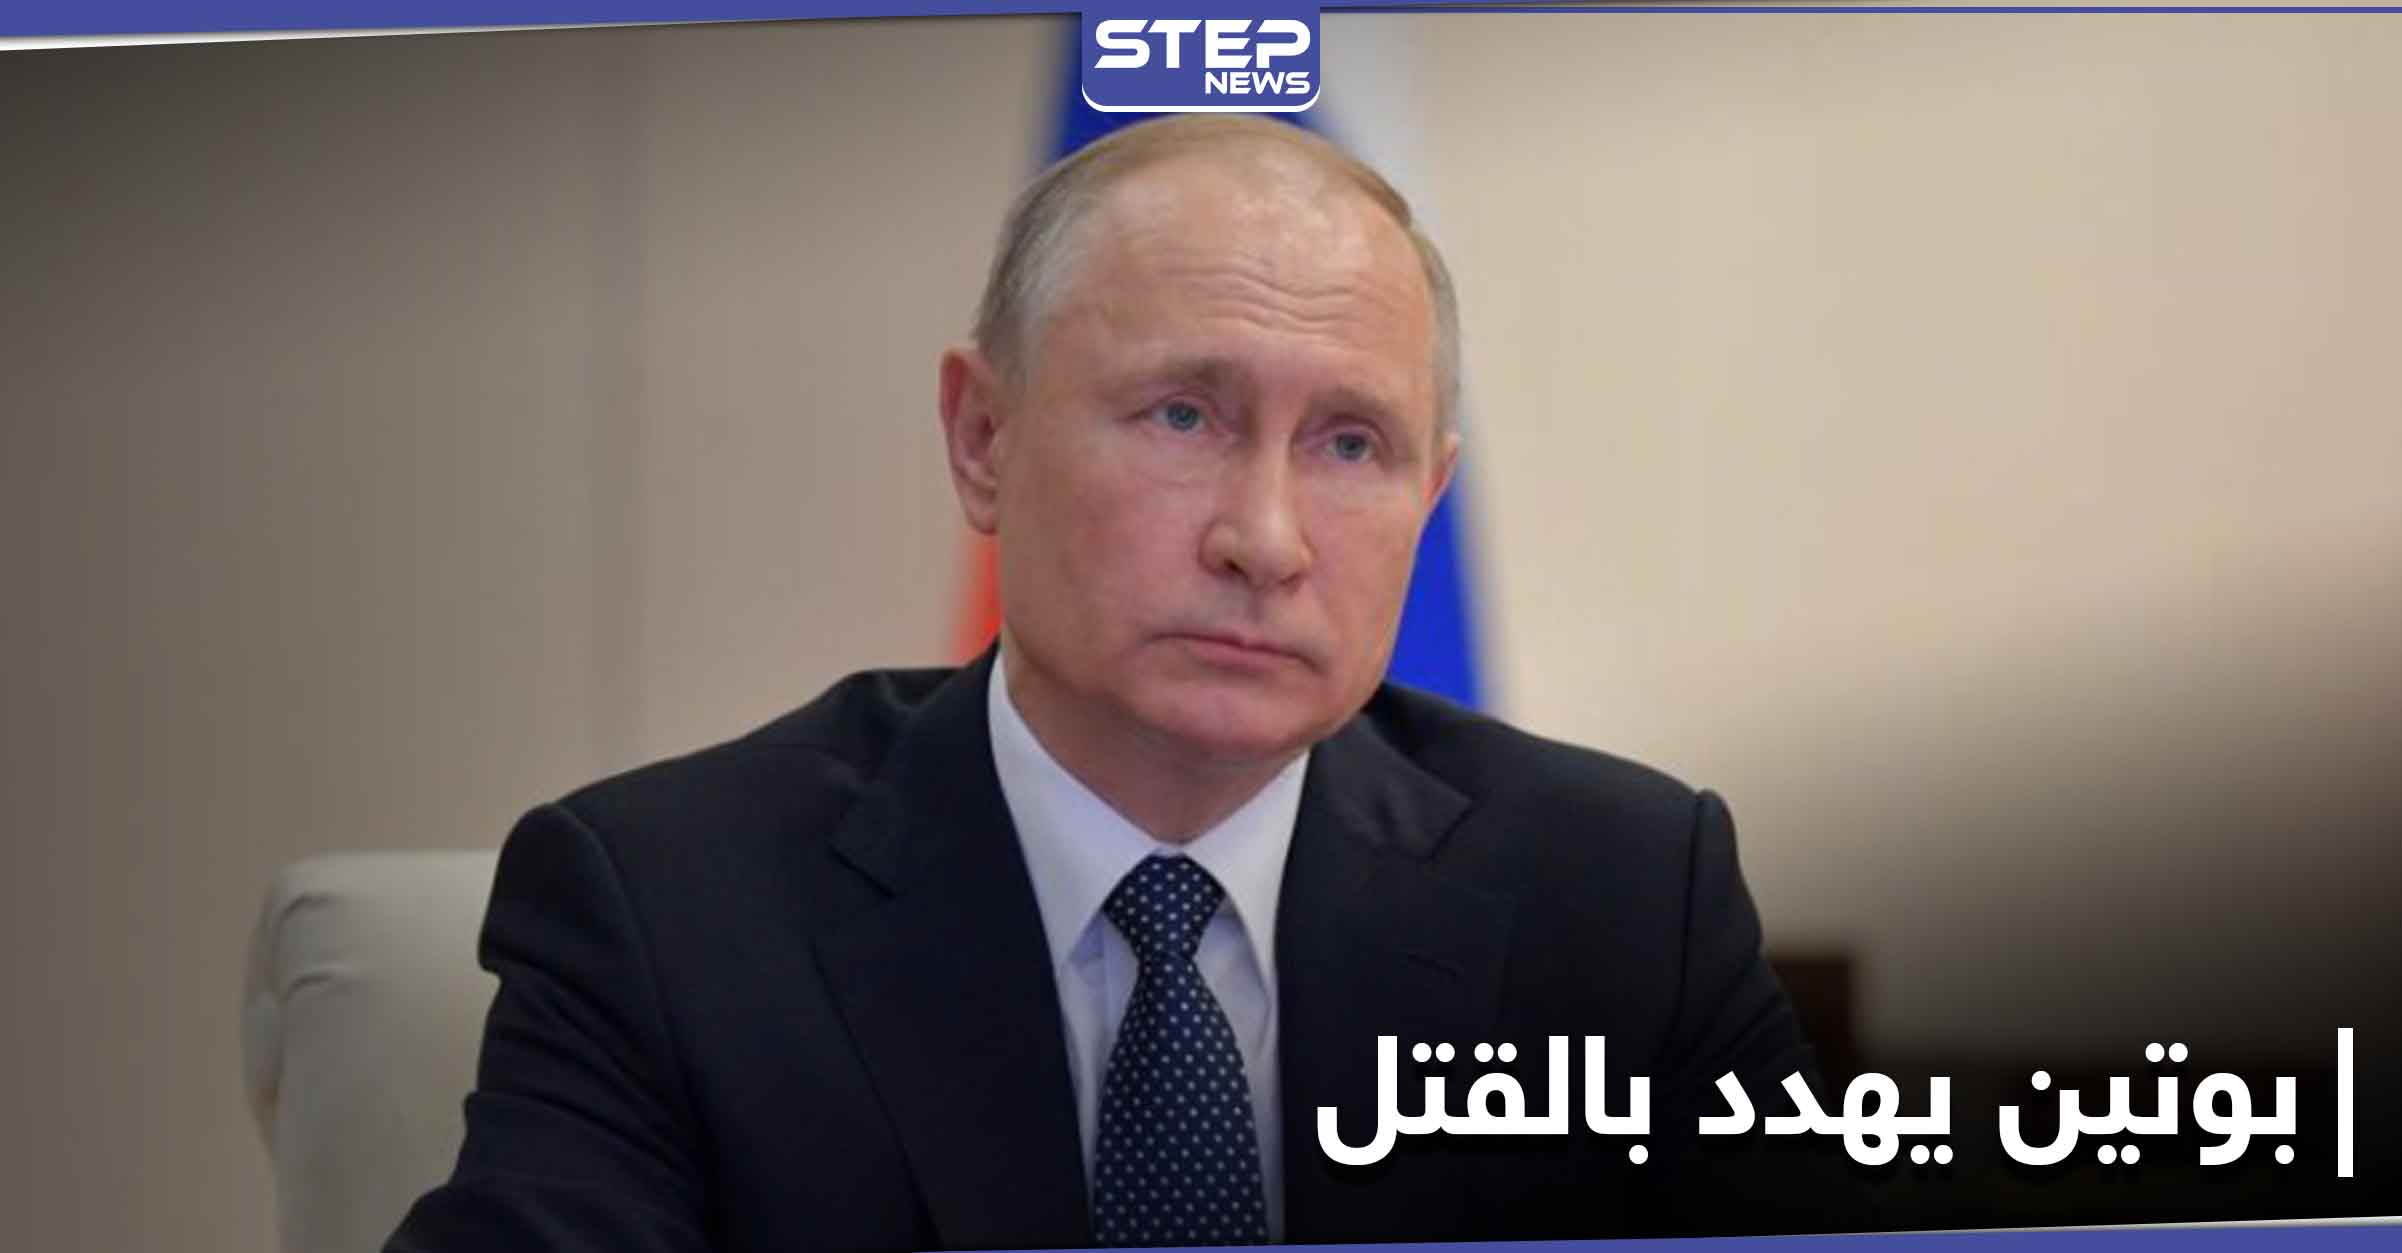 بوتين يُهدد خبير أسلحة كيميائية بسبب تحقيقه بهجوم غاز السارين في إدلب